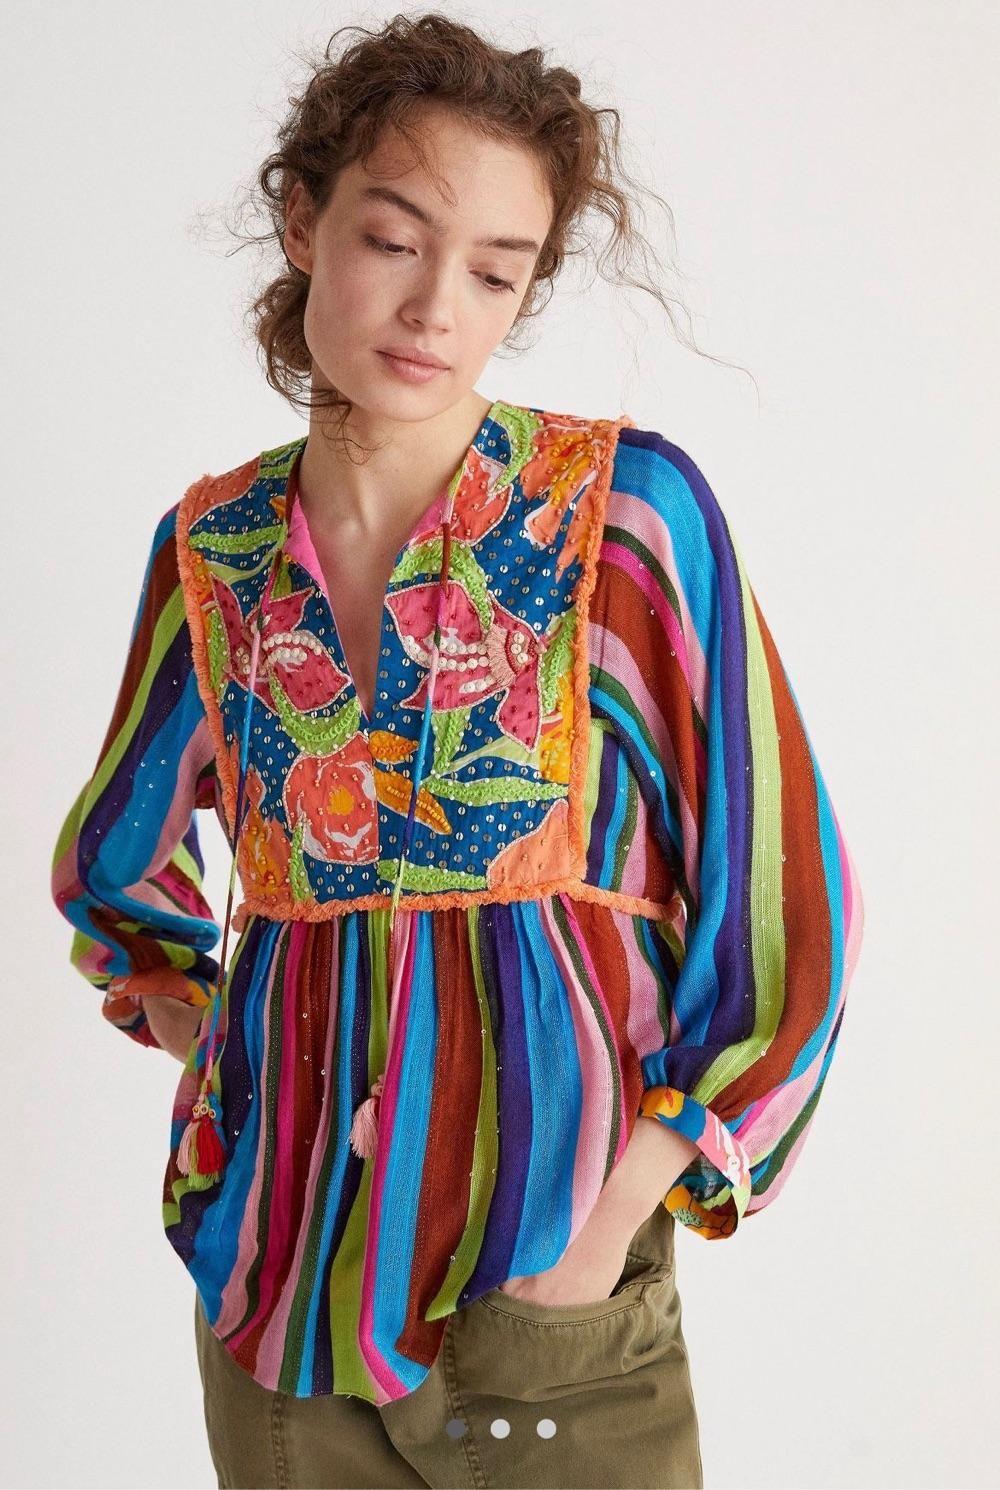 farm iro彩色亮丽条纹刺绣串珠上衣